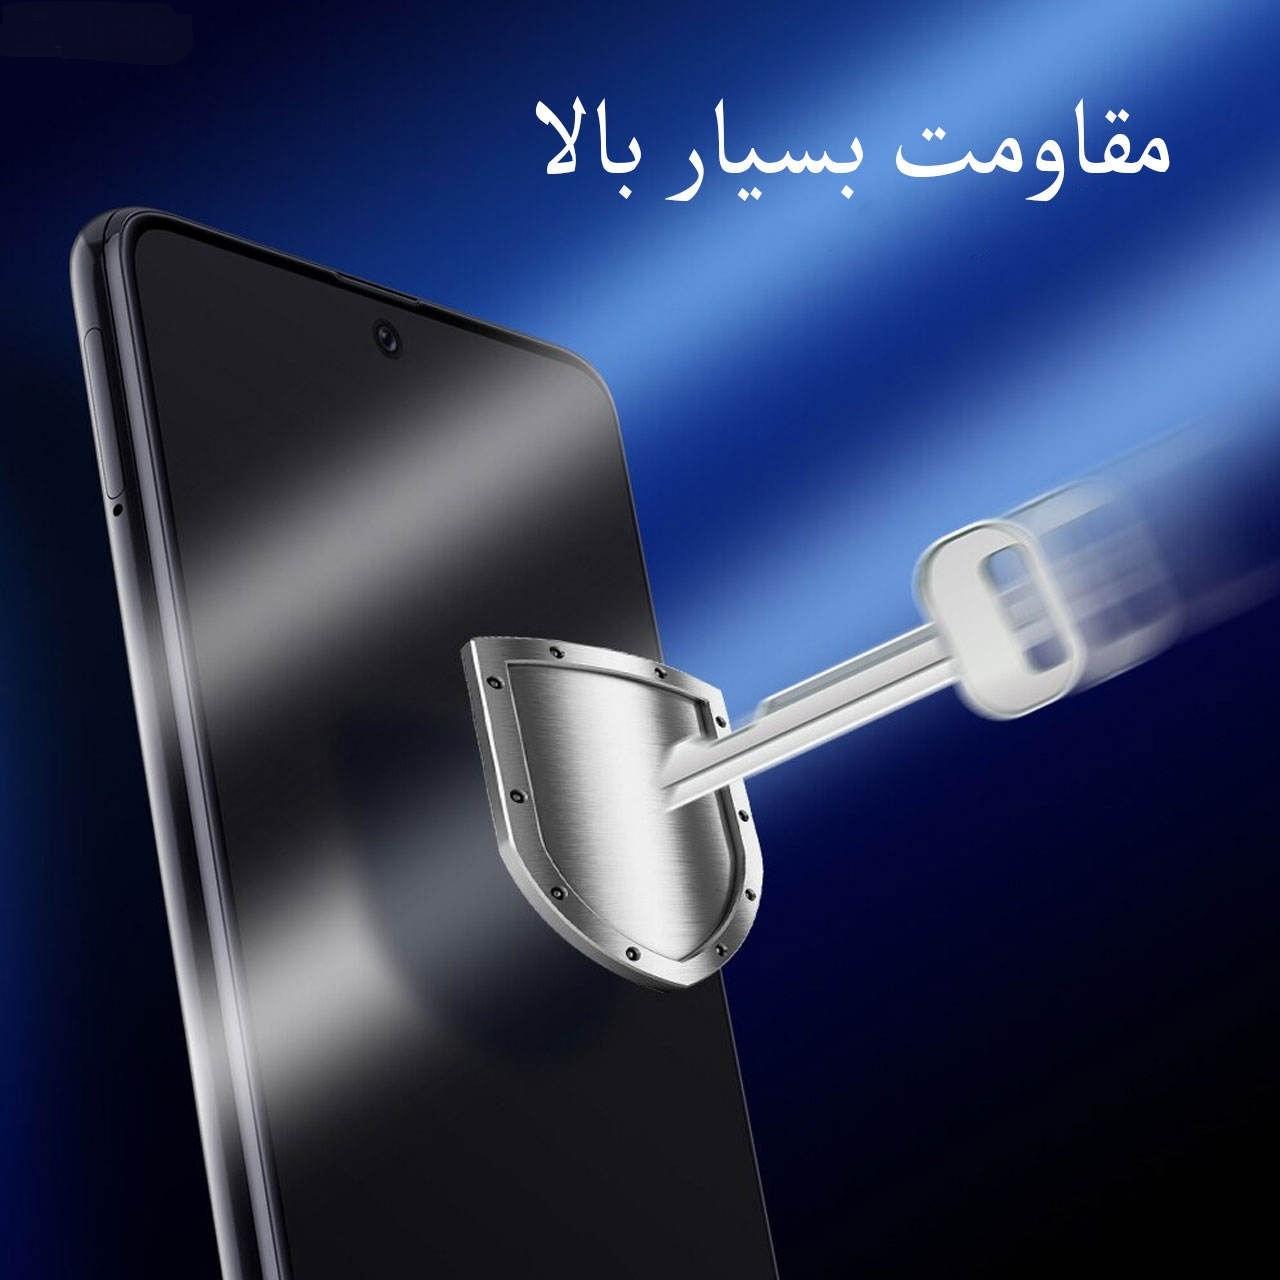 محافظ صفحه نمایش سرامیکی مدل AMAZING مناسب برای گوشی موبایل هوآوی Y9 Prime 2019